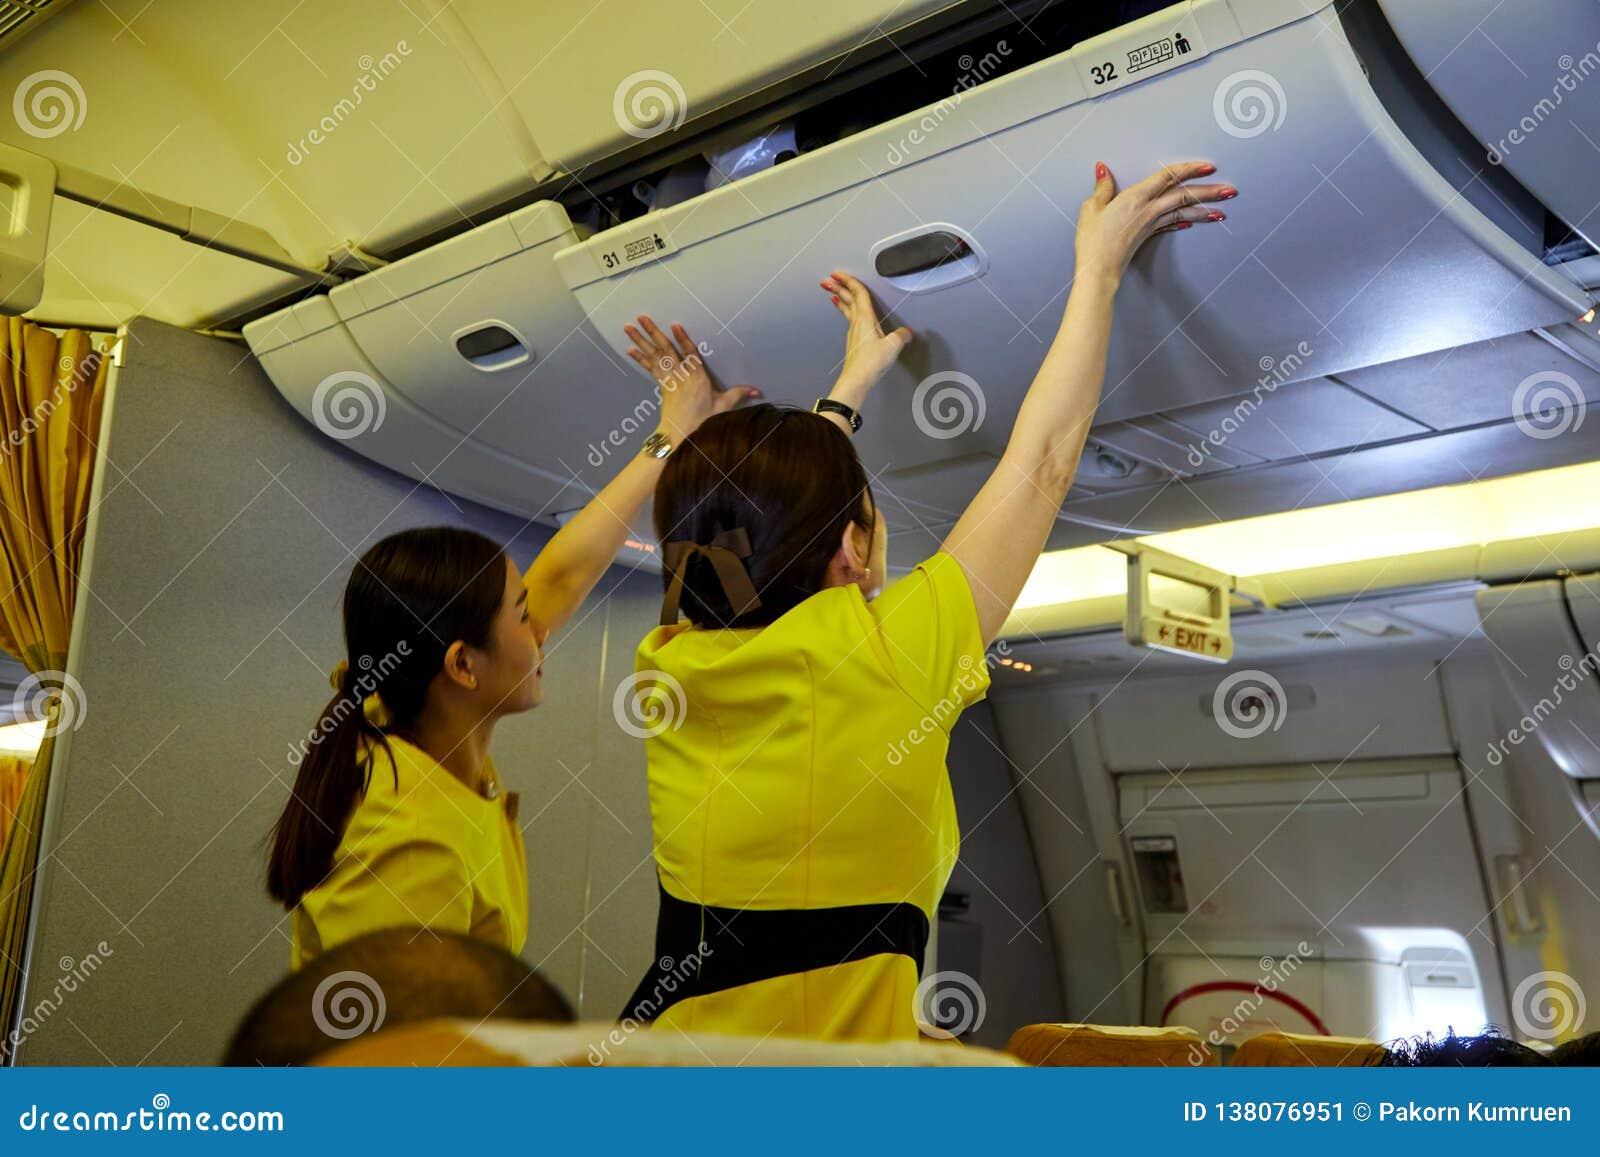 В самолете работа для девушек работа в москве в милиции для девушек вакансии